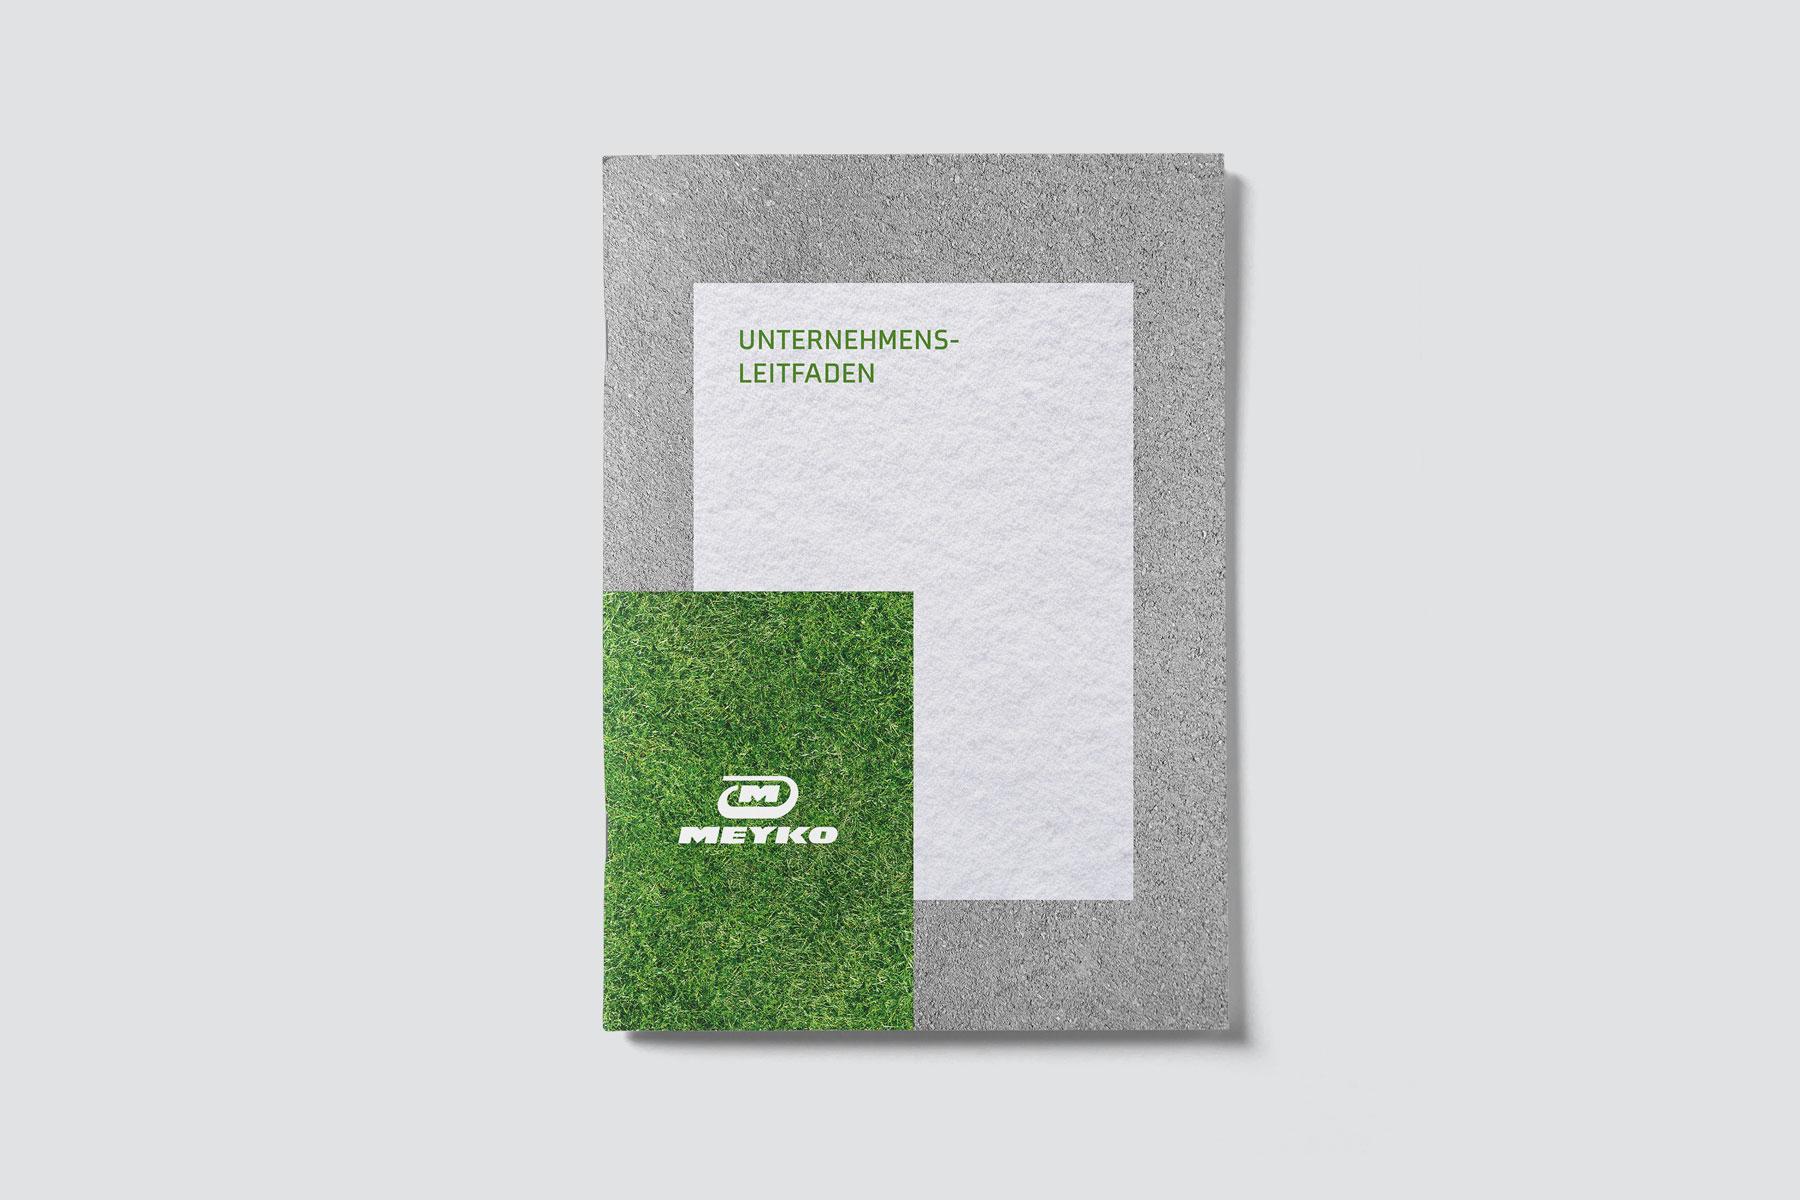 Auf dem Cover des Unternehmens-Leitfadens sieht man das Logo von Meyko, dem Spezialisten für Garten- und Kommunaltechnik vor unterschiedlichen Hintergründen wie Gras und Schnee. Das Corporate Design stammt von MAJORMAJOR.